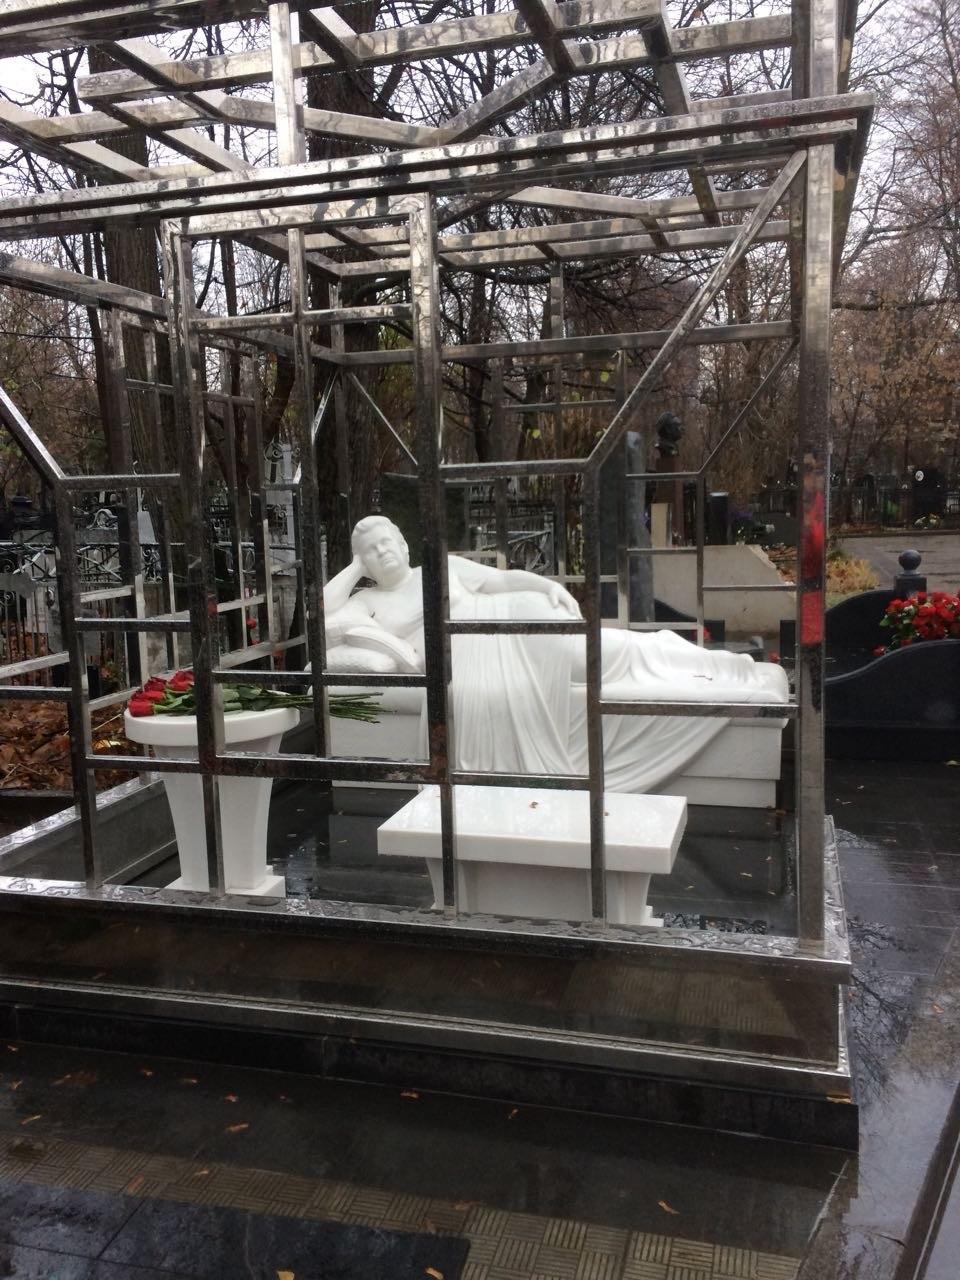 Загадочная скульптура женщины, заточенная в клетке, появилась на Ваганьковском кладбище (3 фото)